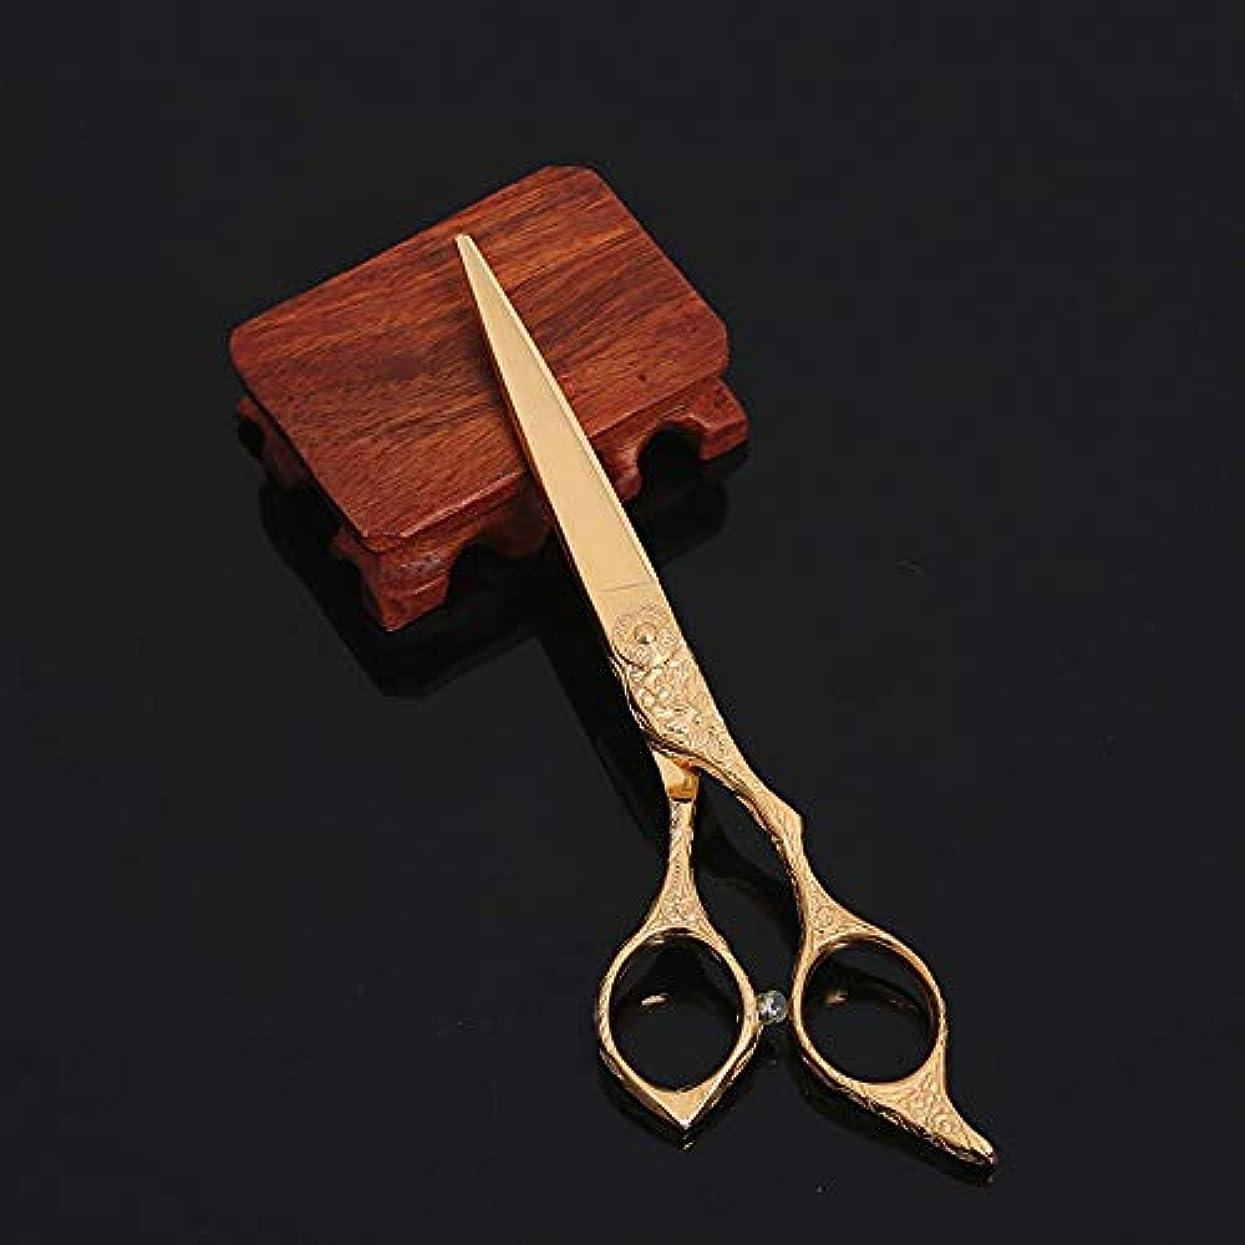 エンゲージメントピジン賢明なGoodsok-jp 6インチゴールド塗装ハイエンド理髪はさみプロの美容師のはさみ (色 : ゴールド)